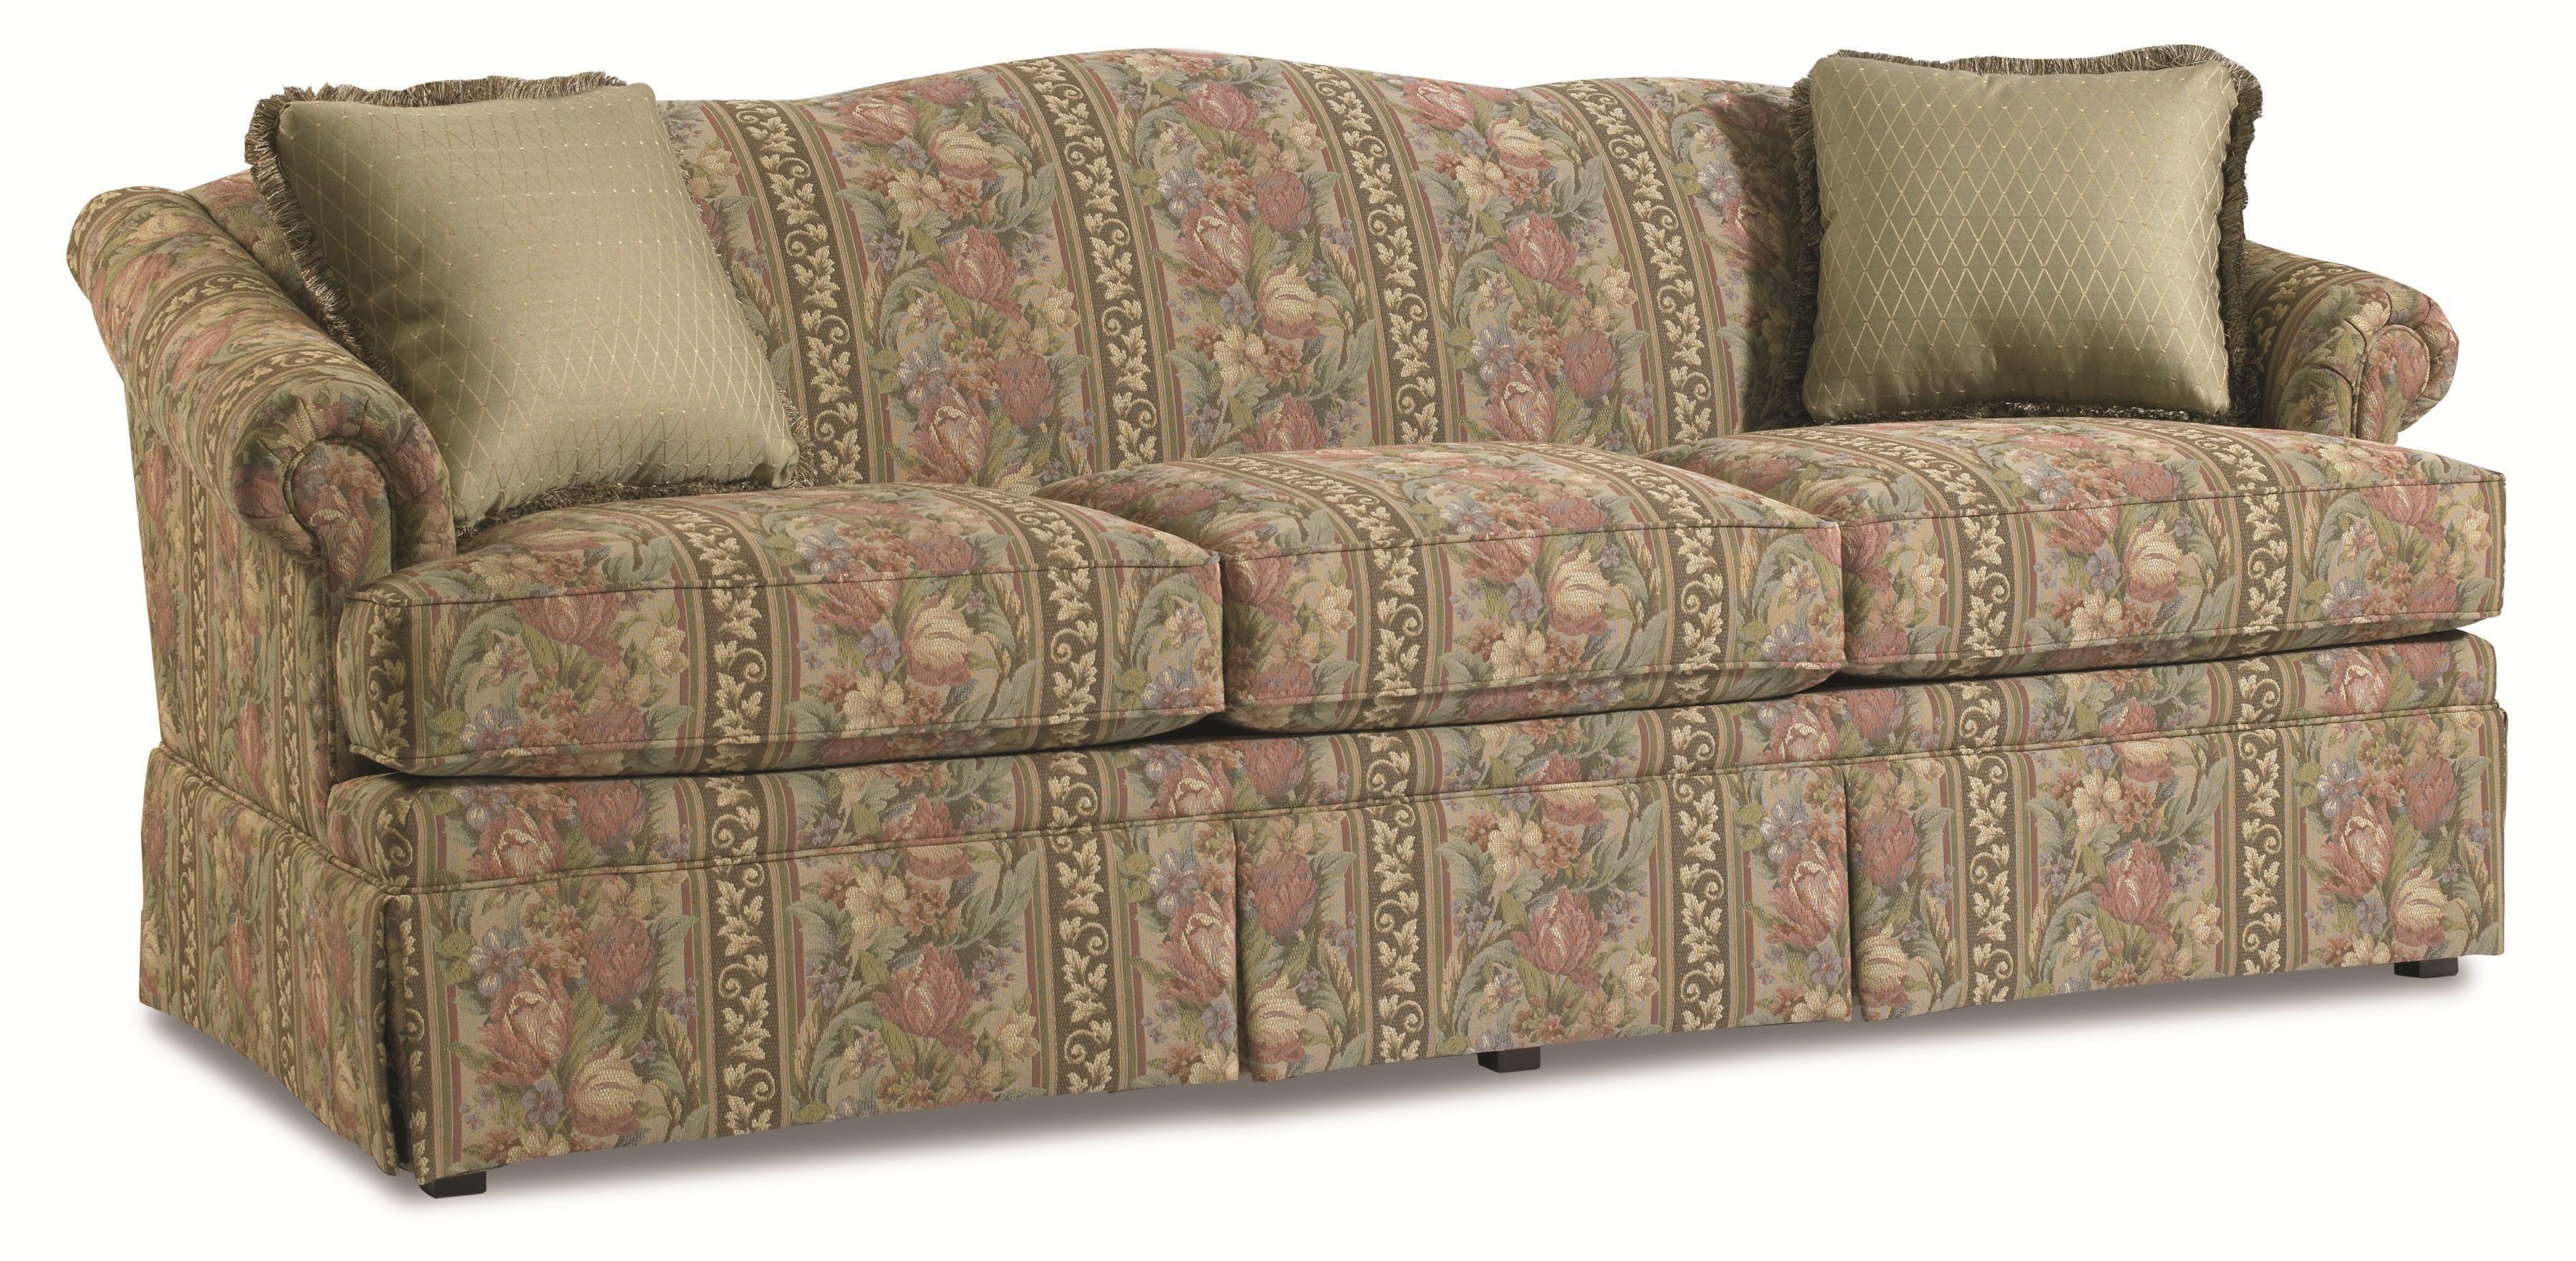 Nice Clayton Marcus Sofas Luxury Clayton Marcus Sofas 58 On Sofa